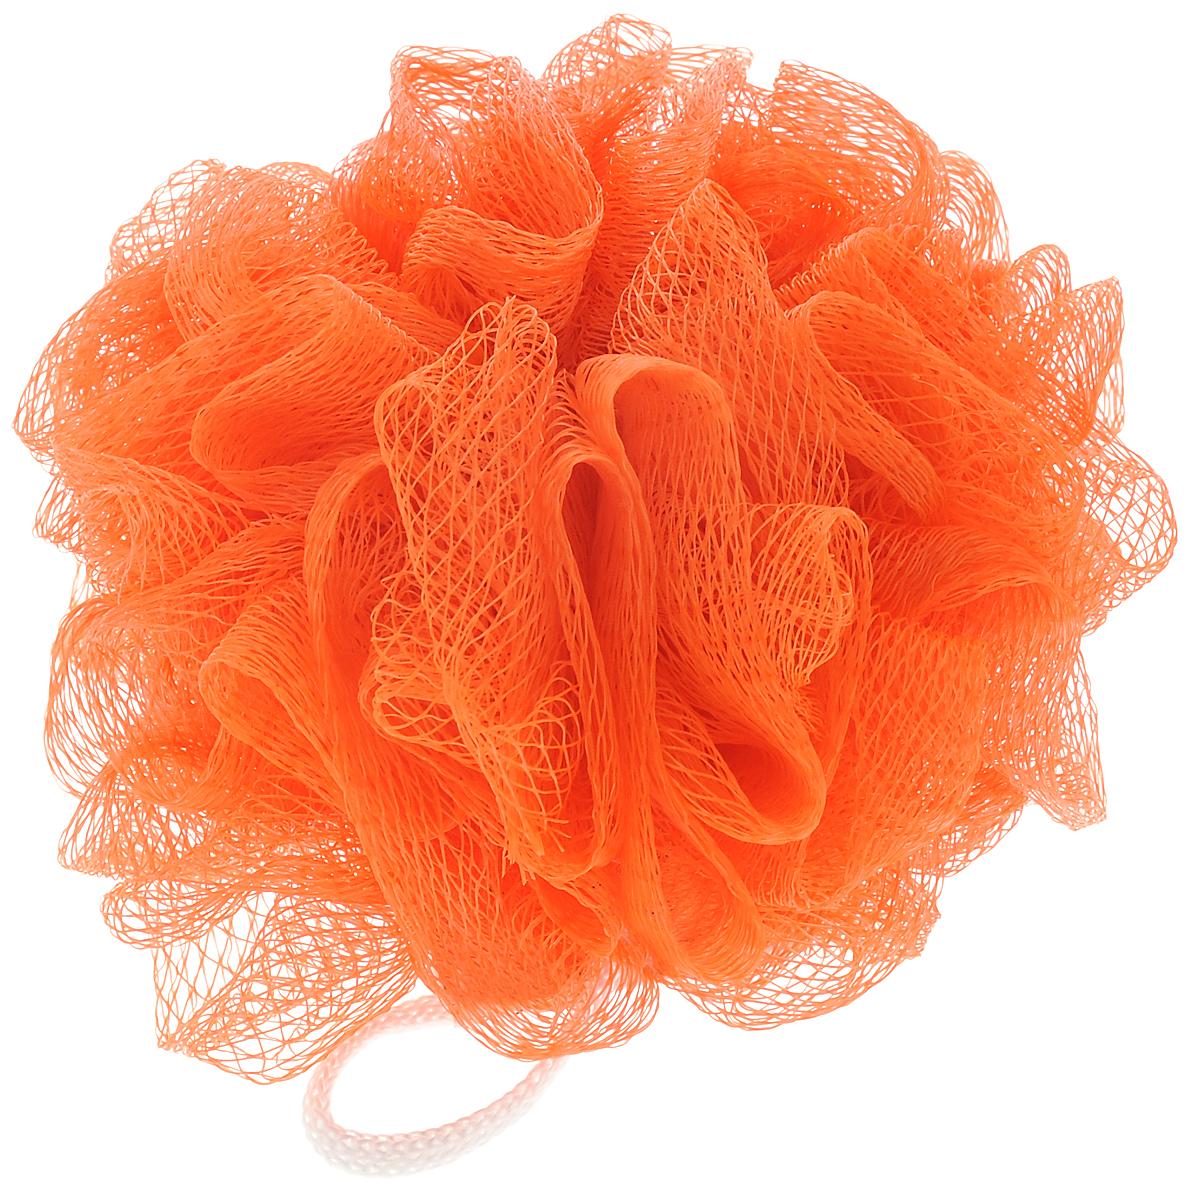 Мочалка Eva Бантик, цвет: оранжевый, диаметр 11 смМС45_оранжевыйМочалка Eva Бантик, выполненная из нейлона, предназначена для мягкого очищения кожи. Она станет незаменимым аксессуаром ванной комнаты. Мочалка отлично пенится, обладает легким массажным воздействием, идеально подходит для нежной и чувствительной кожи. На мочалке имеется удобная петля для подвешивания. Диаметр: 11 см.